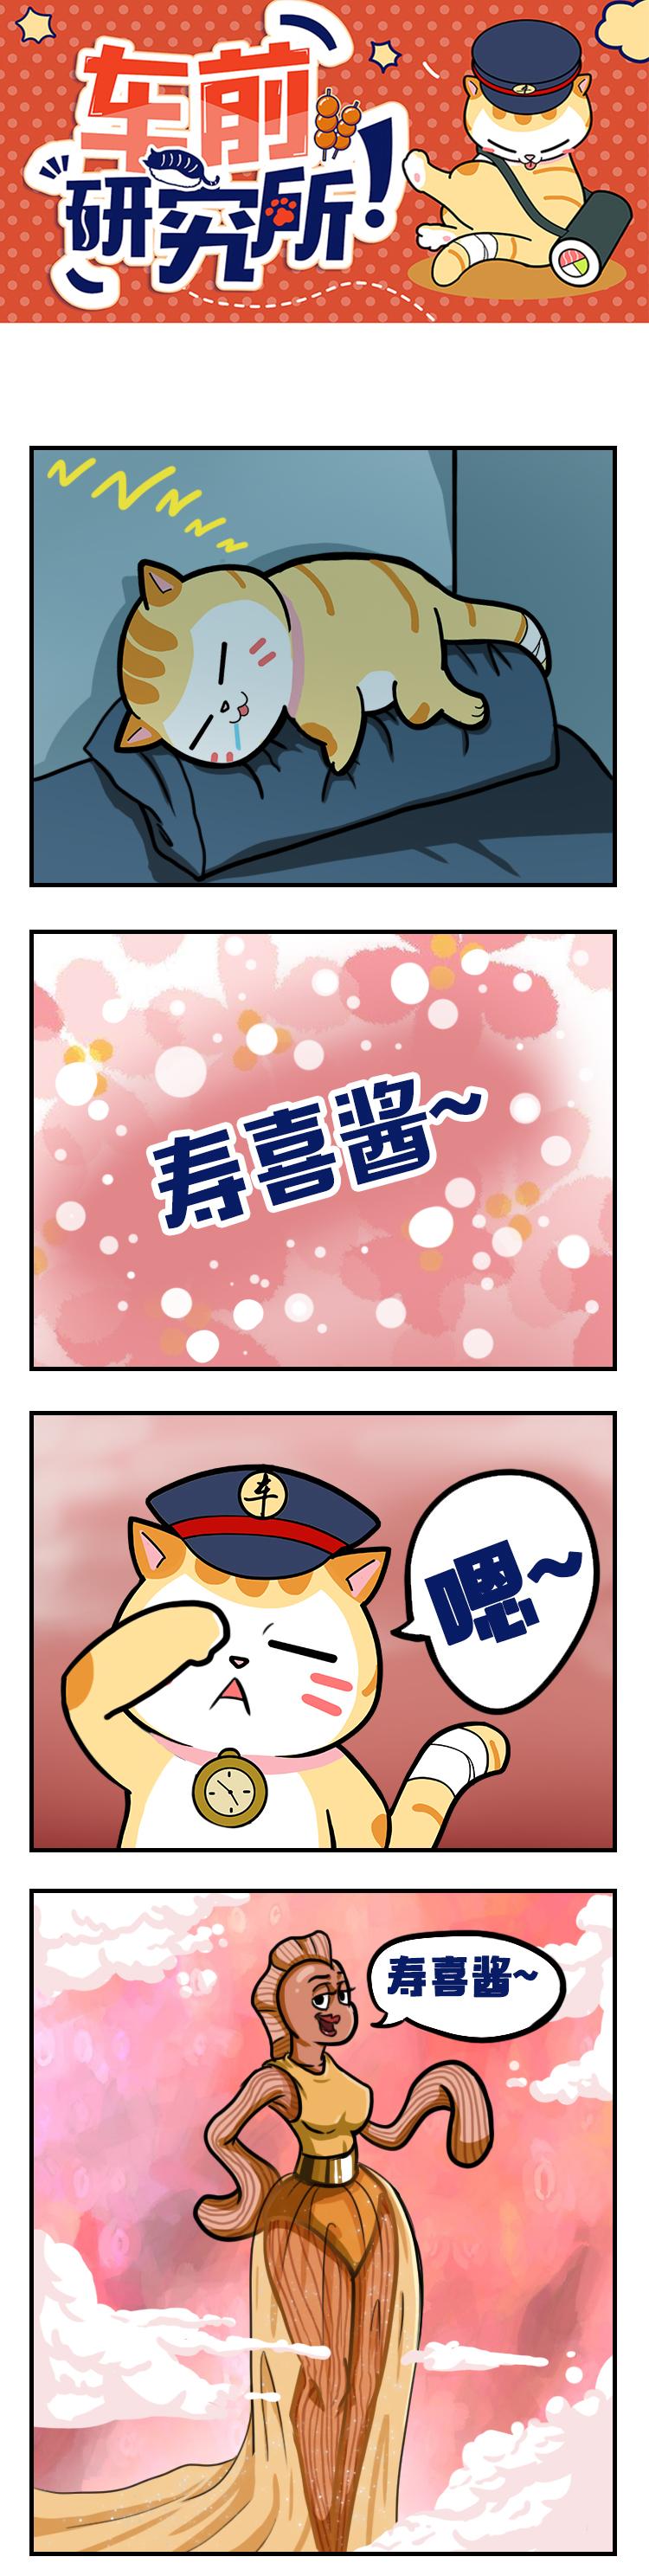 车前10漫画_01.jpg